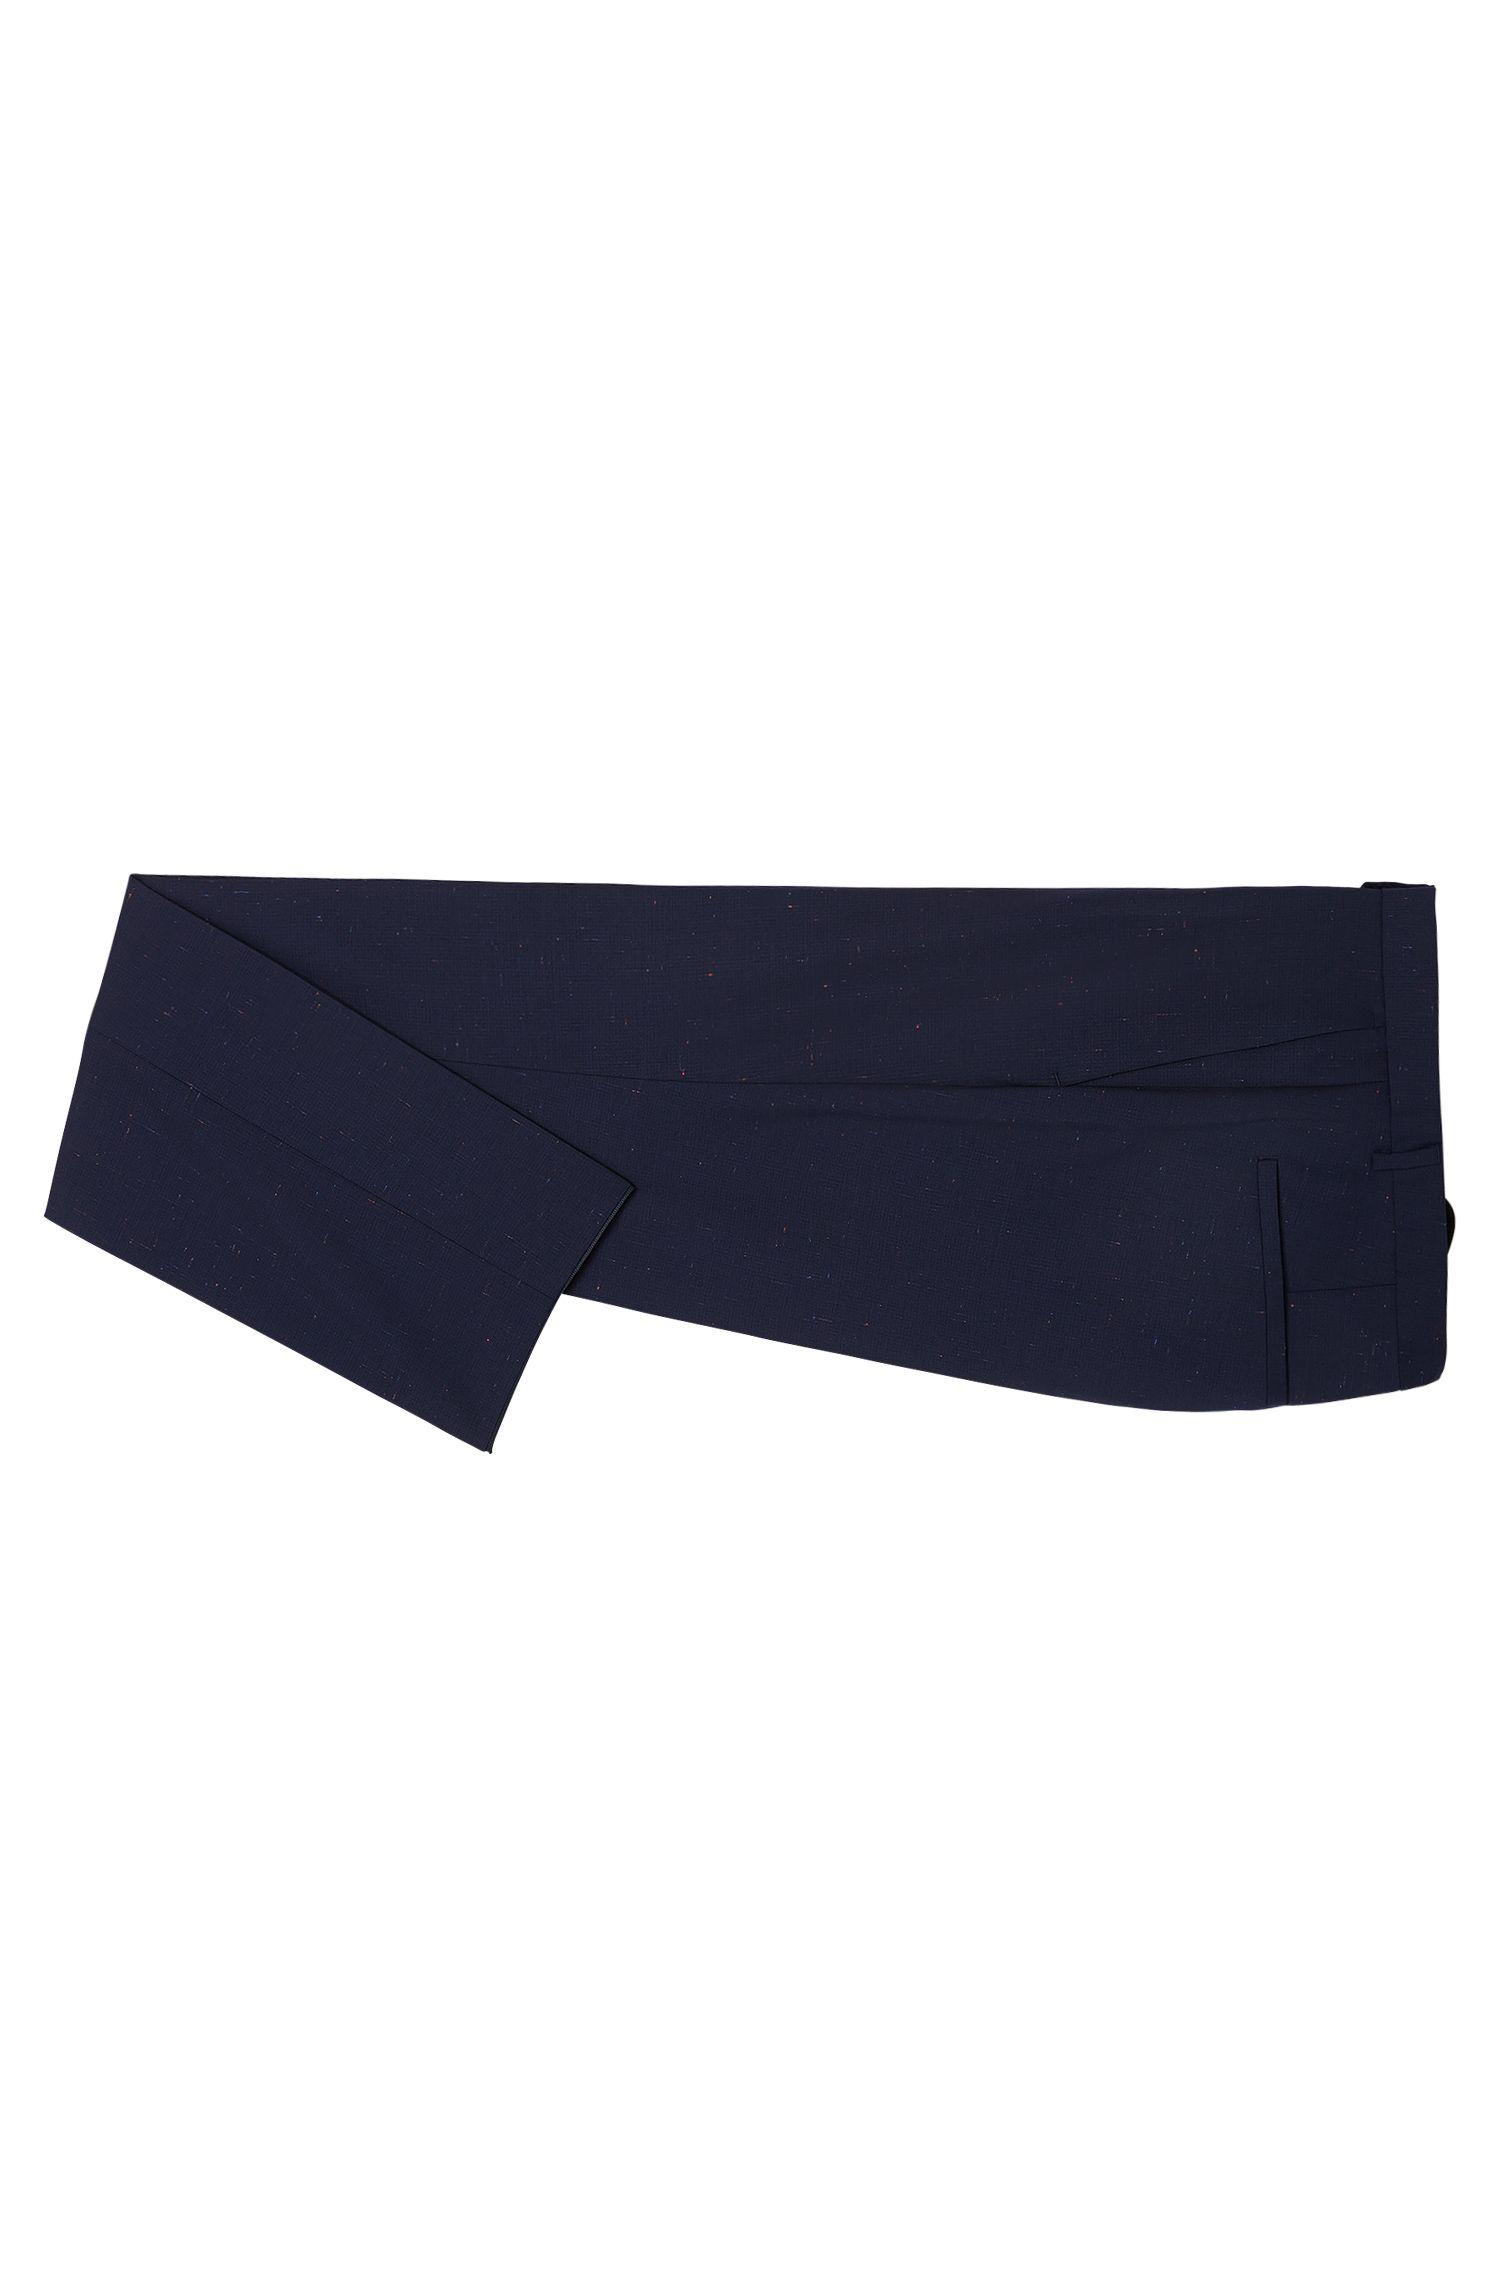 Virgin Wool Suit, Extra Slim Fit | Arti/Heibo